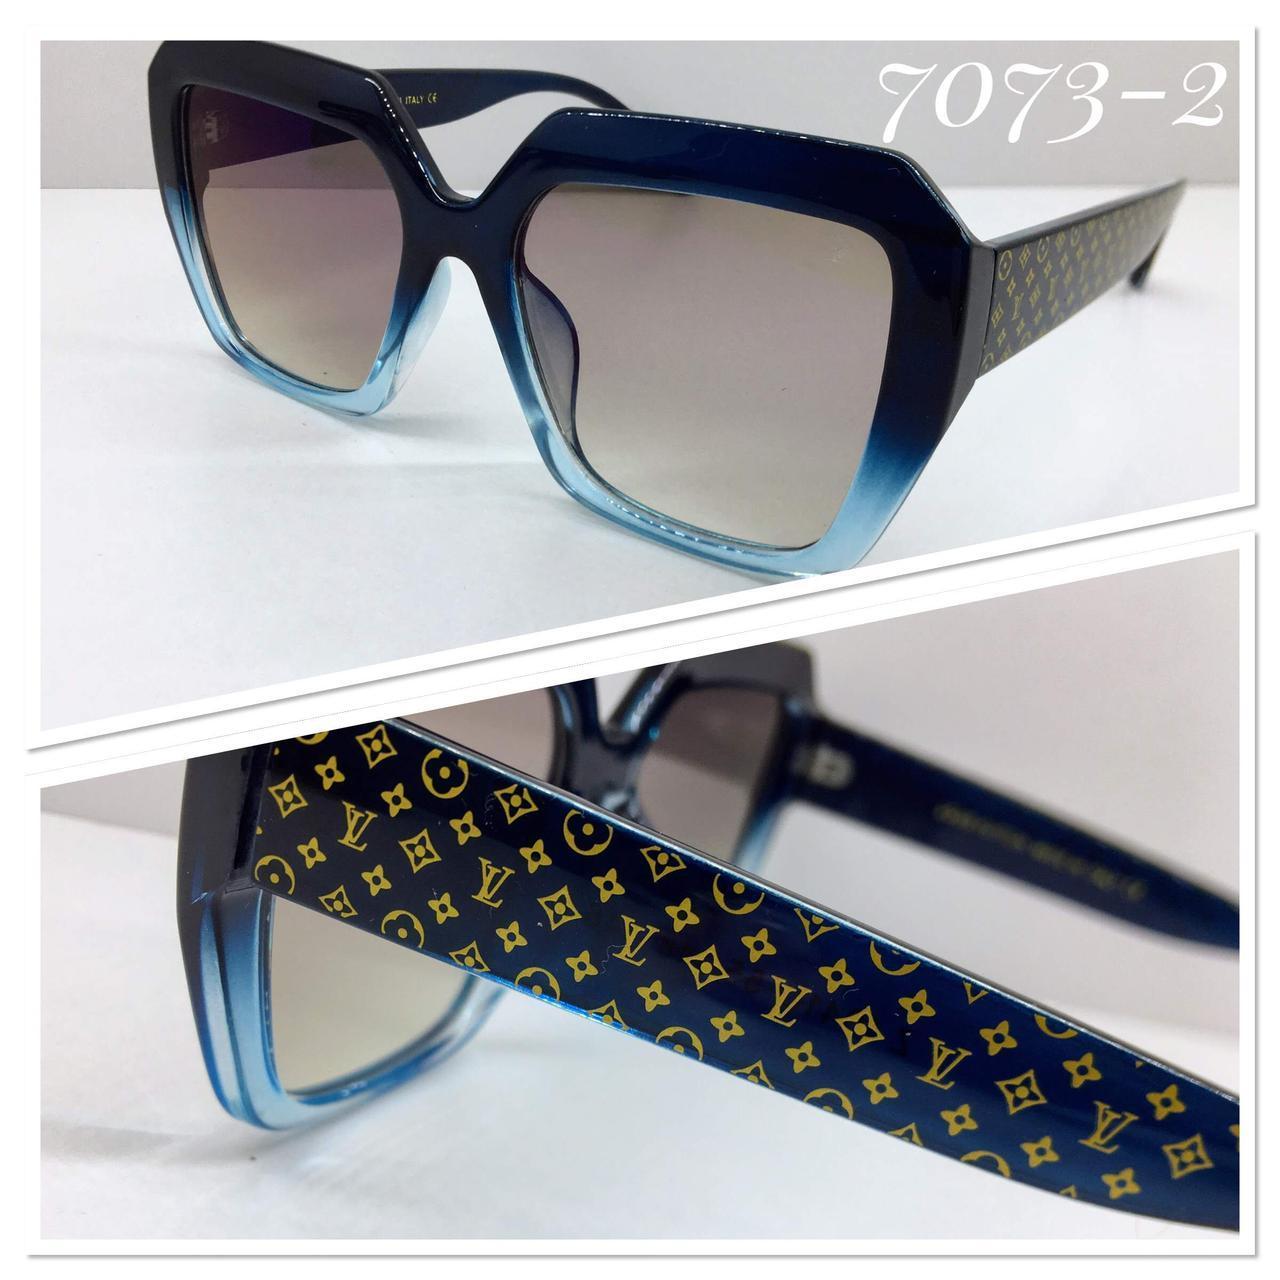 Женские солнцезащитные очки квадраты оверсайз синяя оправа градиент